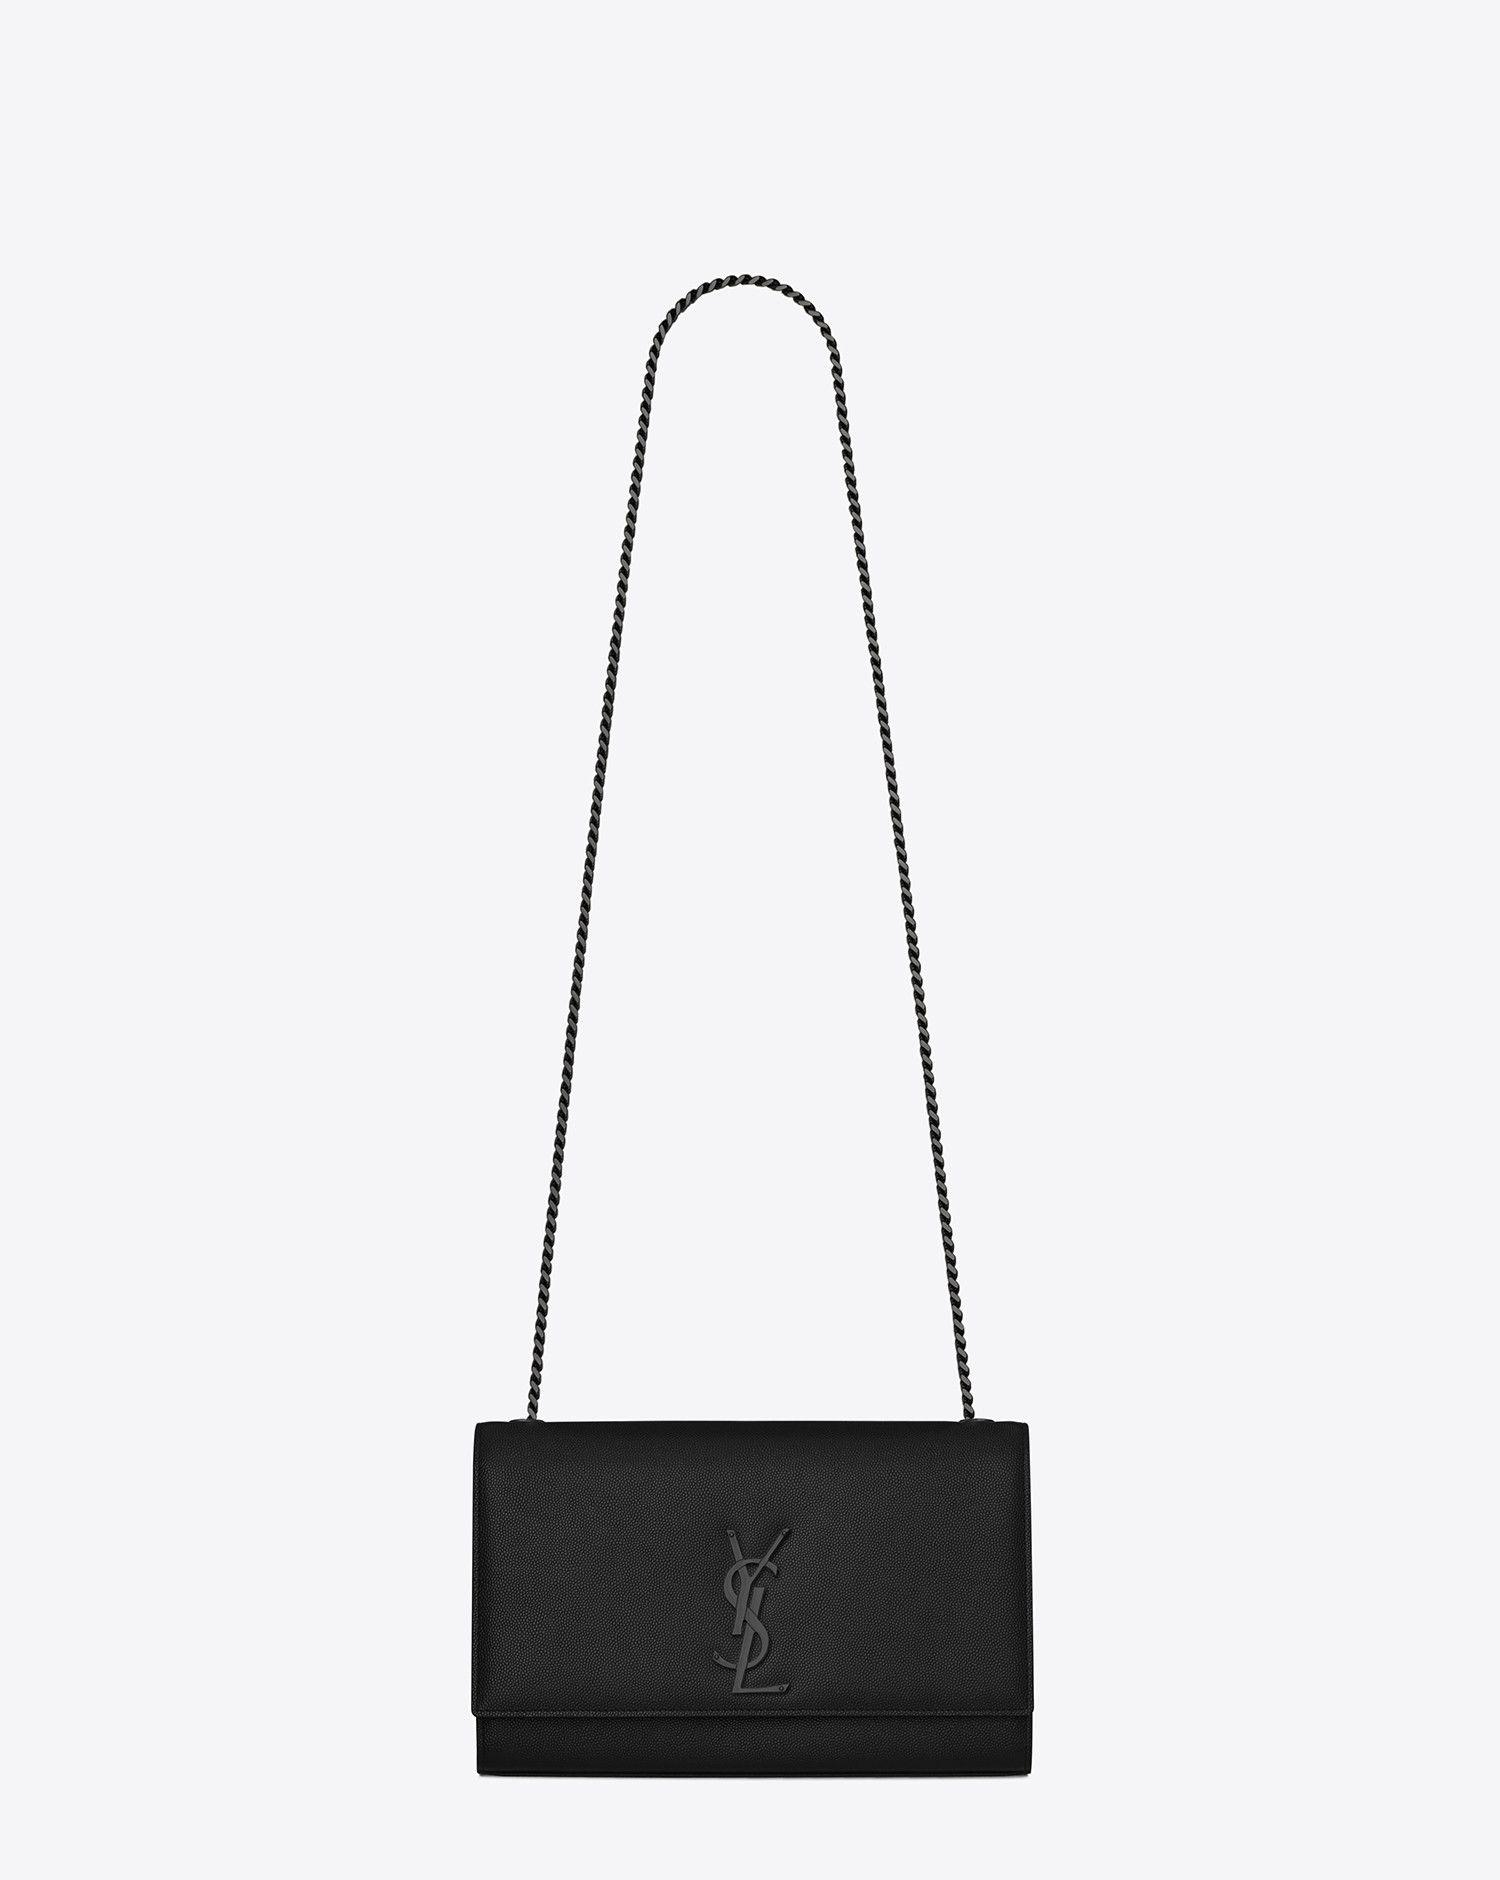 46d2aa3c94c9 Saint Laurent Kate Medium GDP calf leather black on black  2840 SGD code   364021BOW0U1000